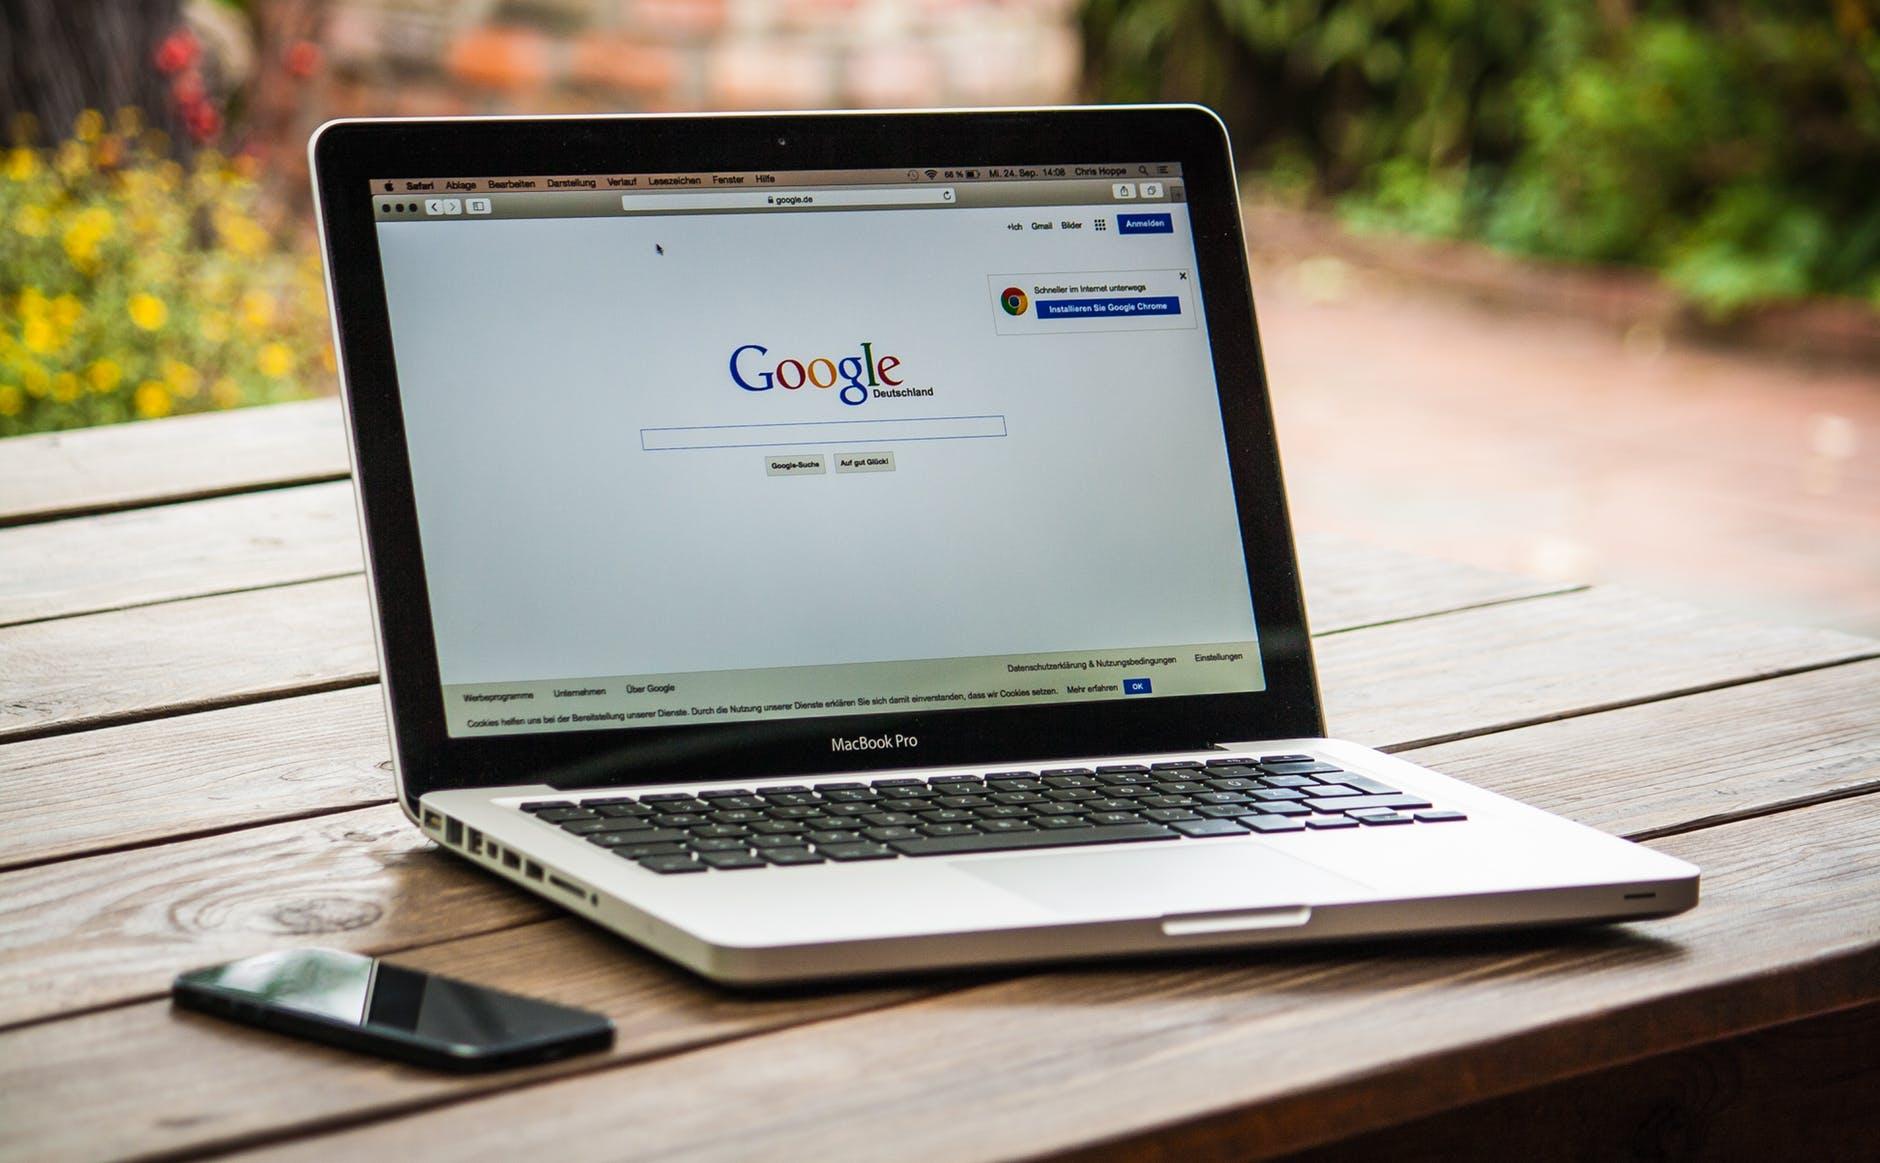 Chiusura anticipata di Google Plus: dati a rischio per gli utenti